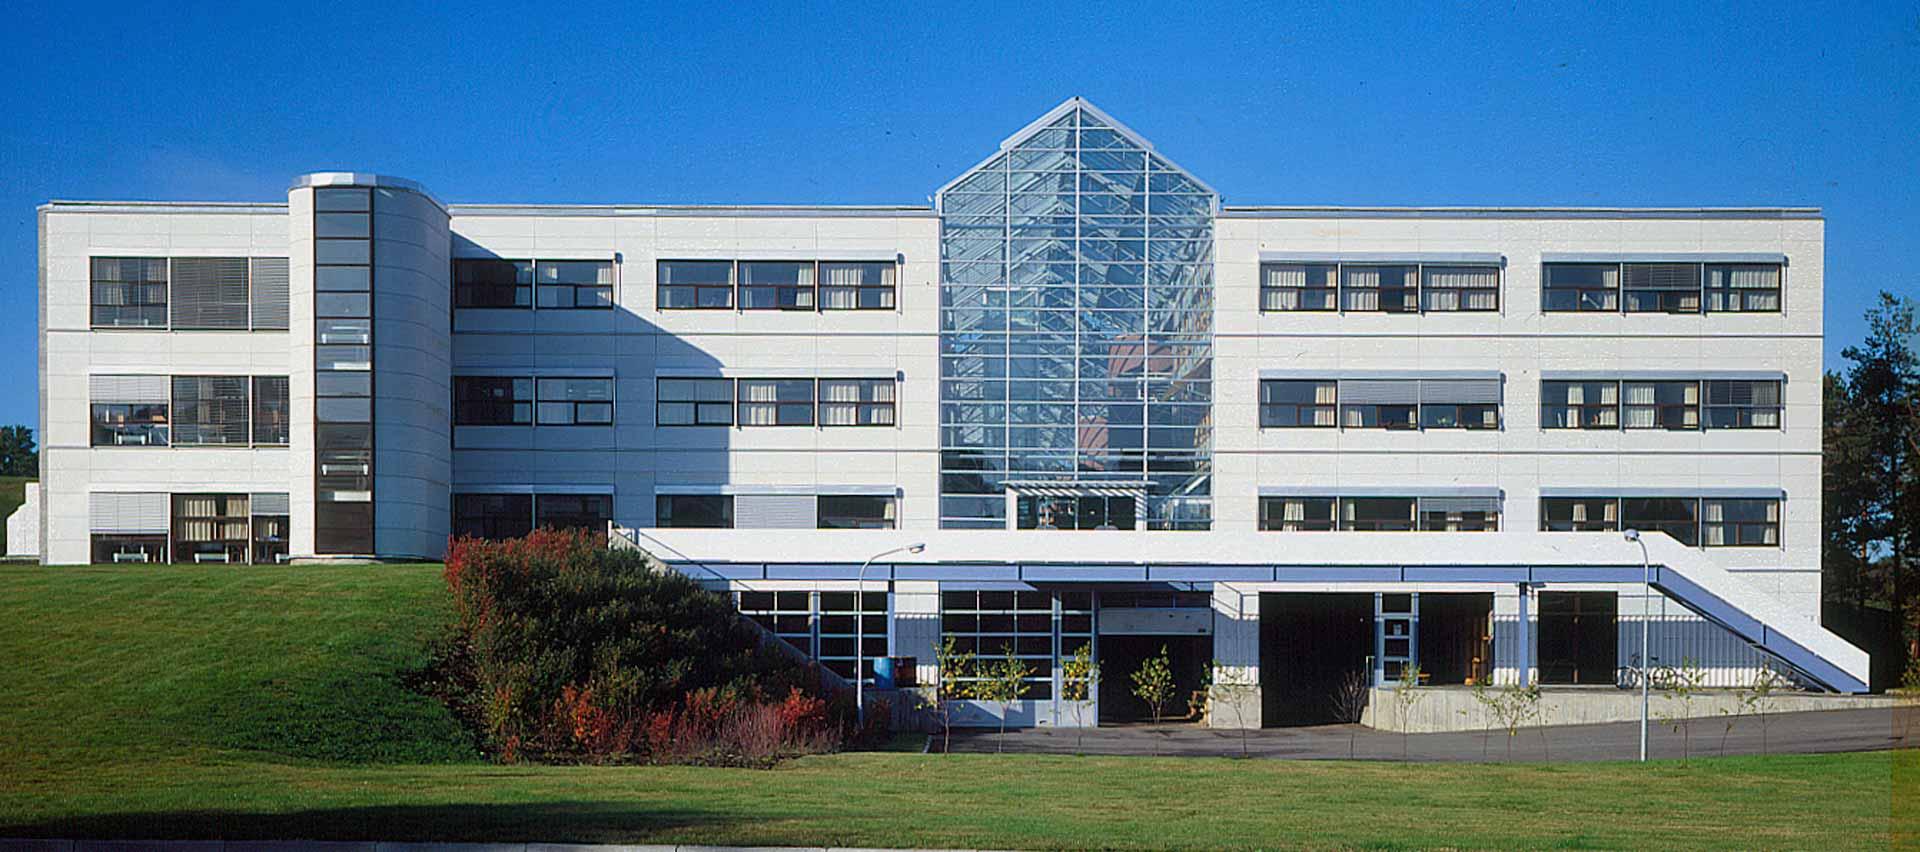 Trondheim_University henning larsen